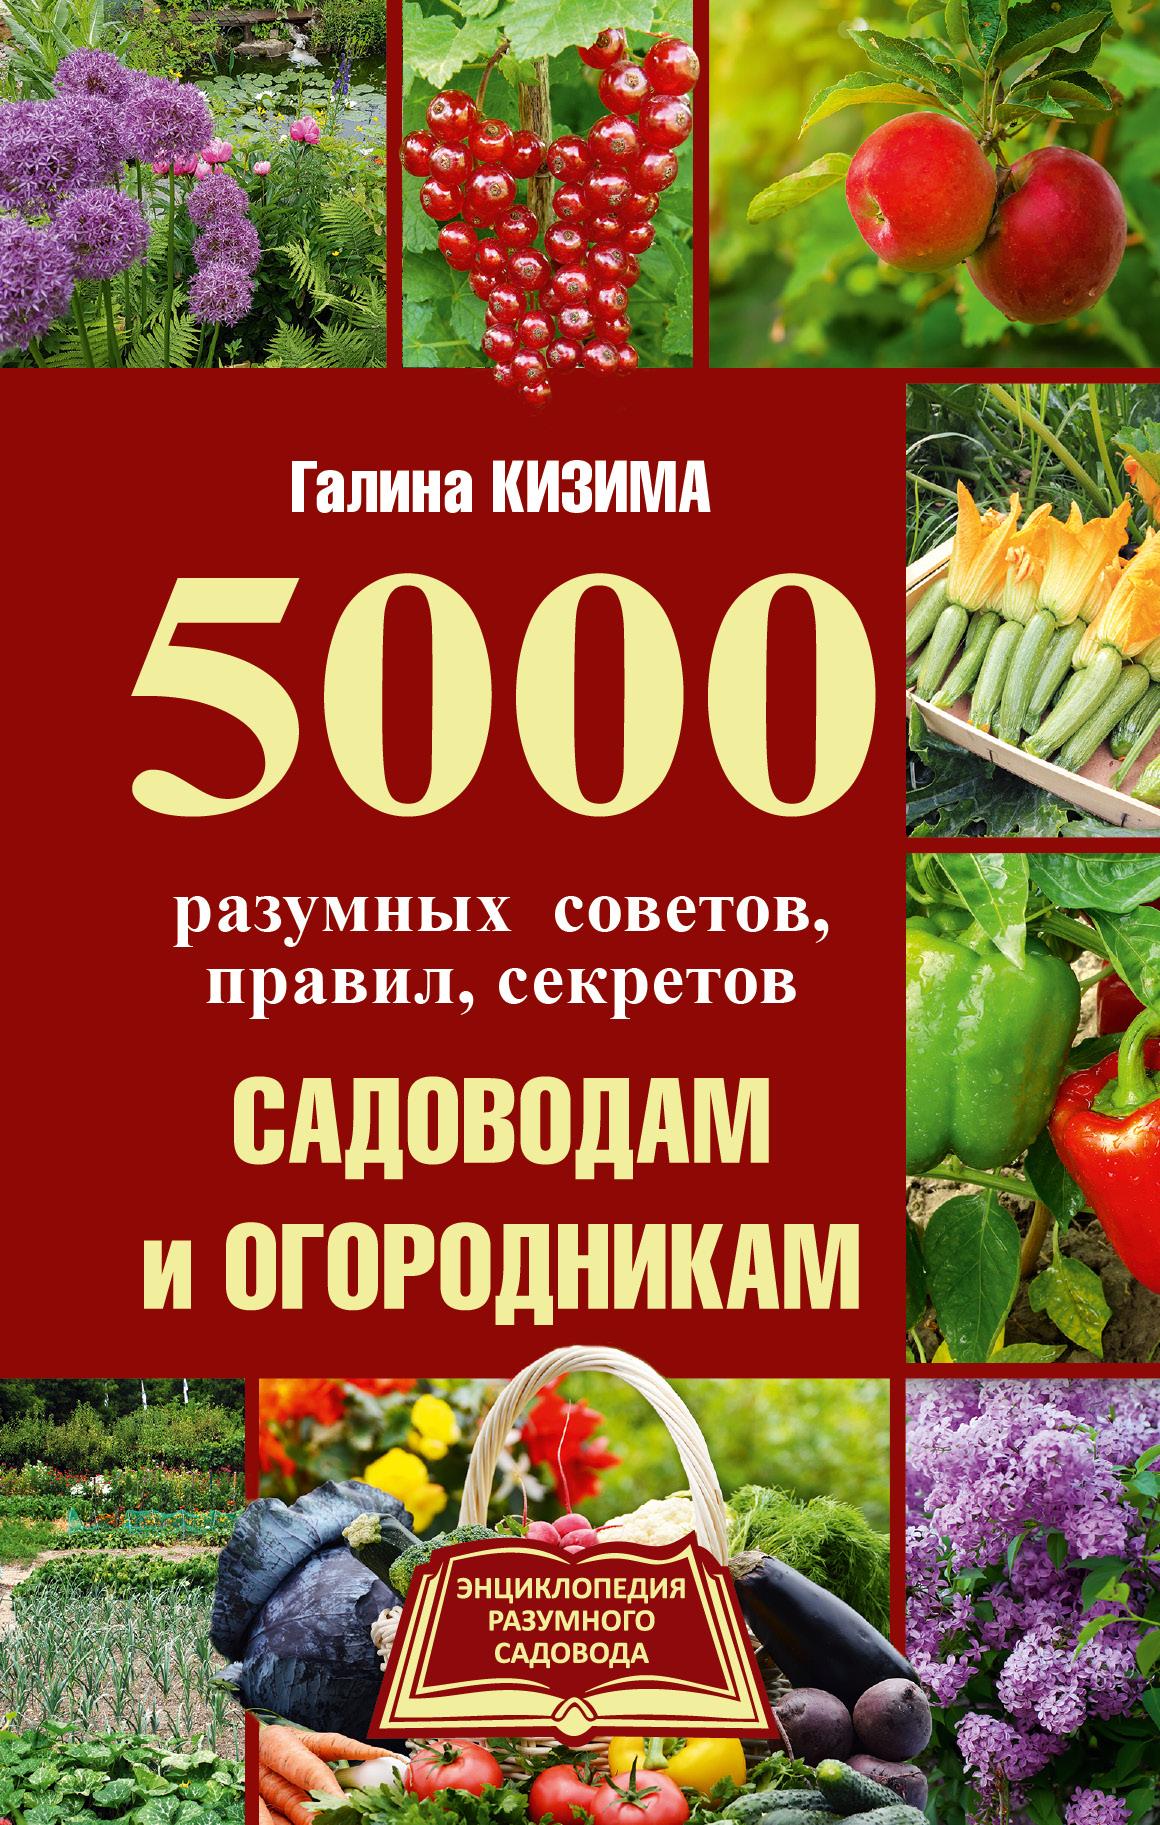 Кизима Галина Александровна 5000 разумных советов, правил, секретов садоводам и огородникам